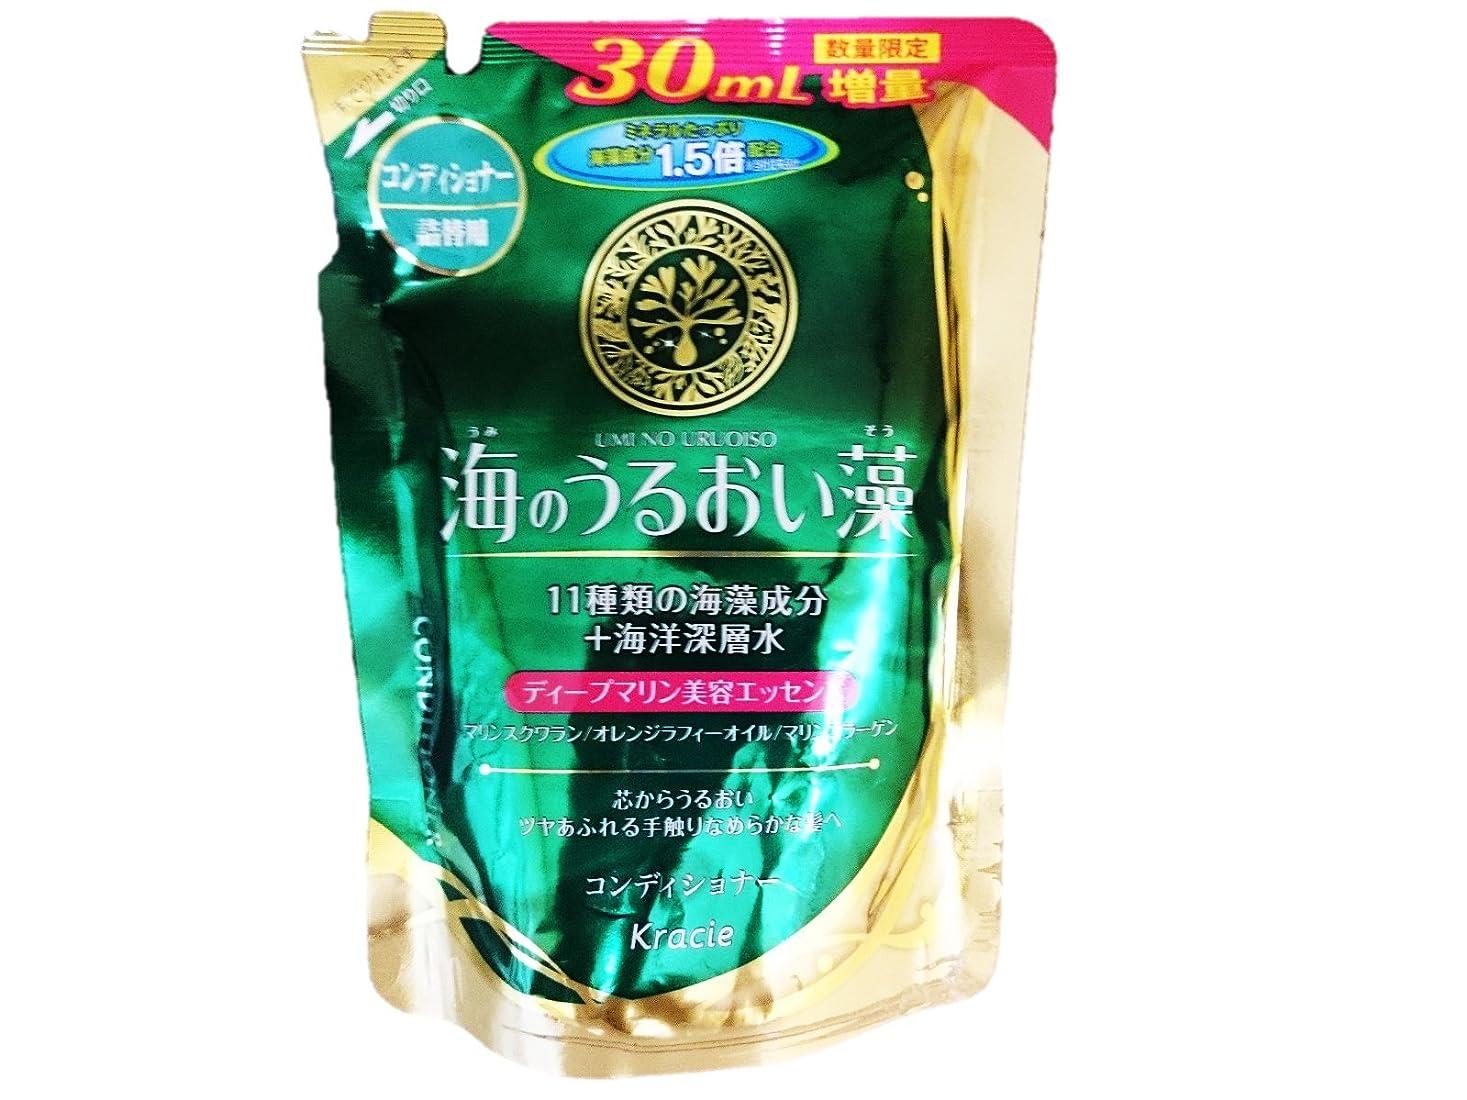 原始的なカブ美徳海のうるおい藻コンディショナー詰替用30ml増量